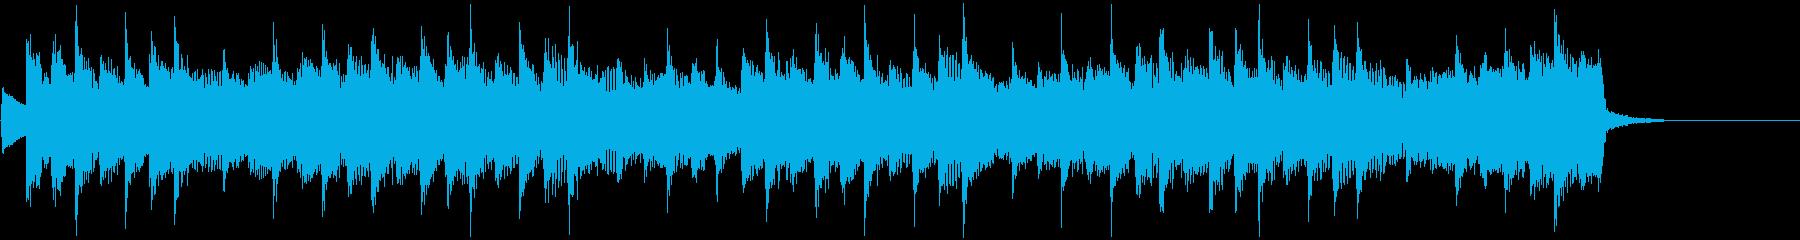 優しいジングル、CMの再生済みの波形